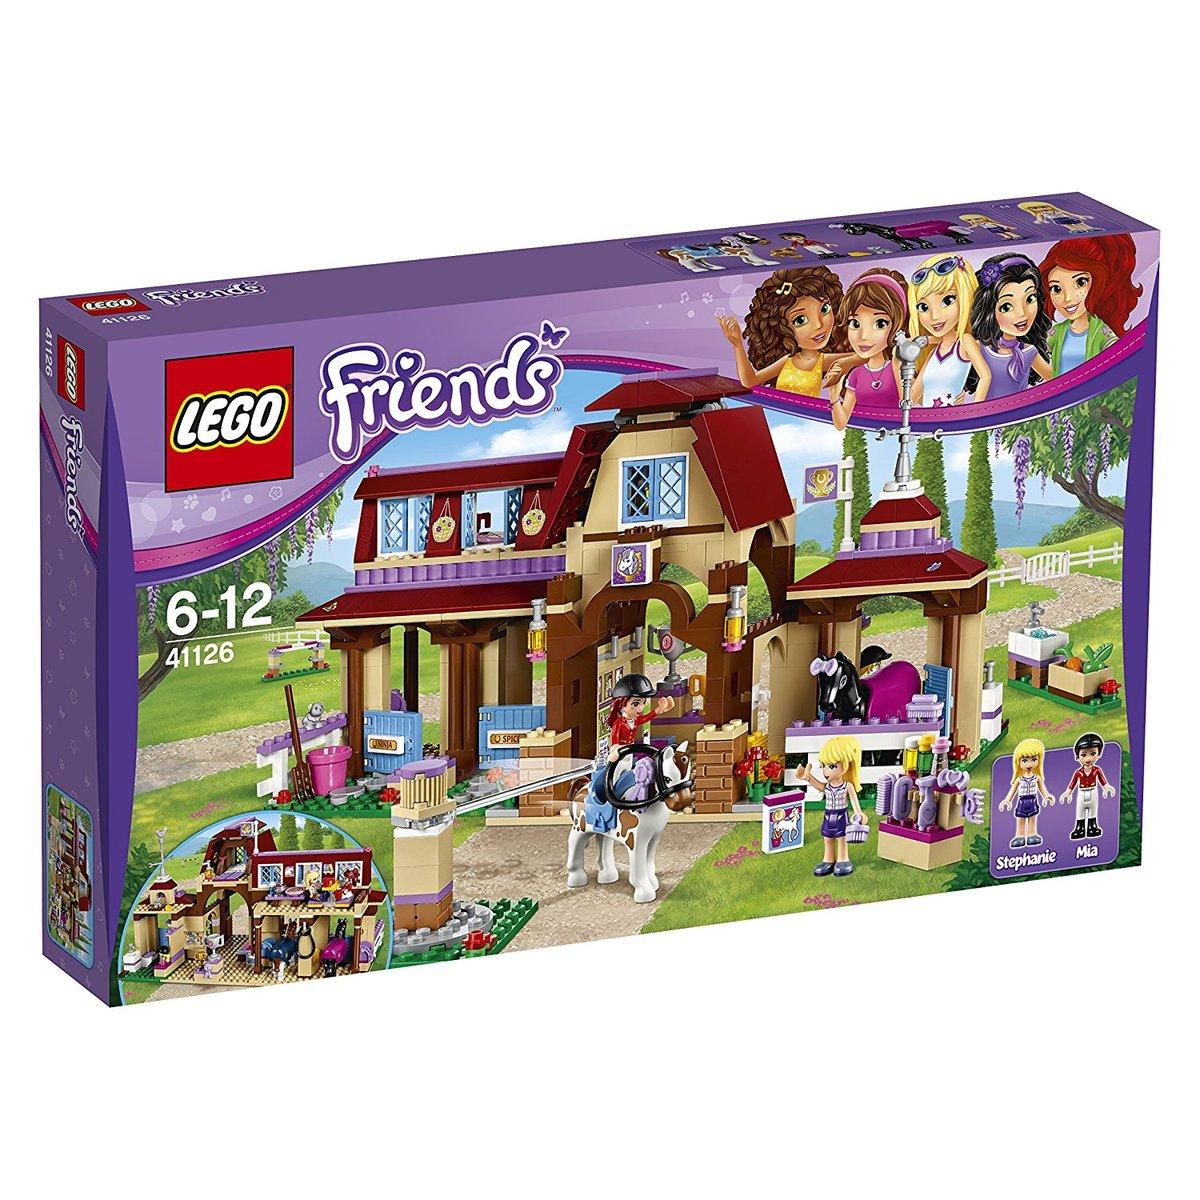 レゴ (LEGO) フレンズ ハートレイクの乗馬クラブ 41126[並行輸入品]